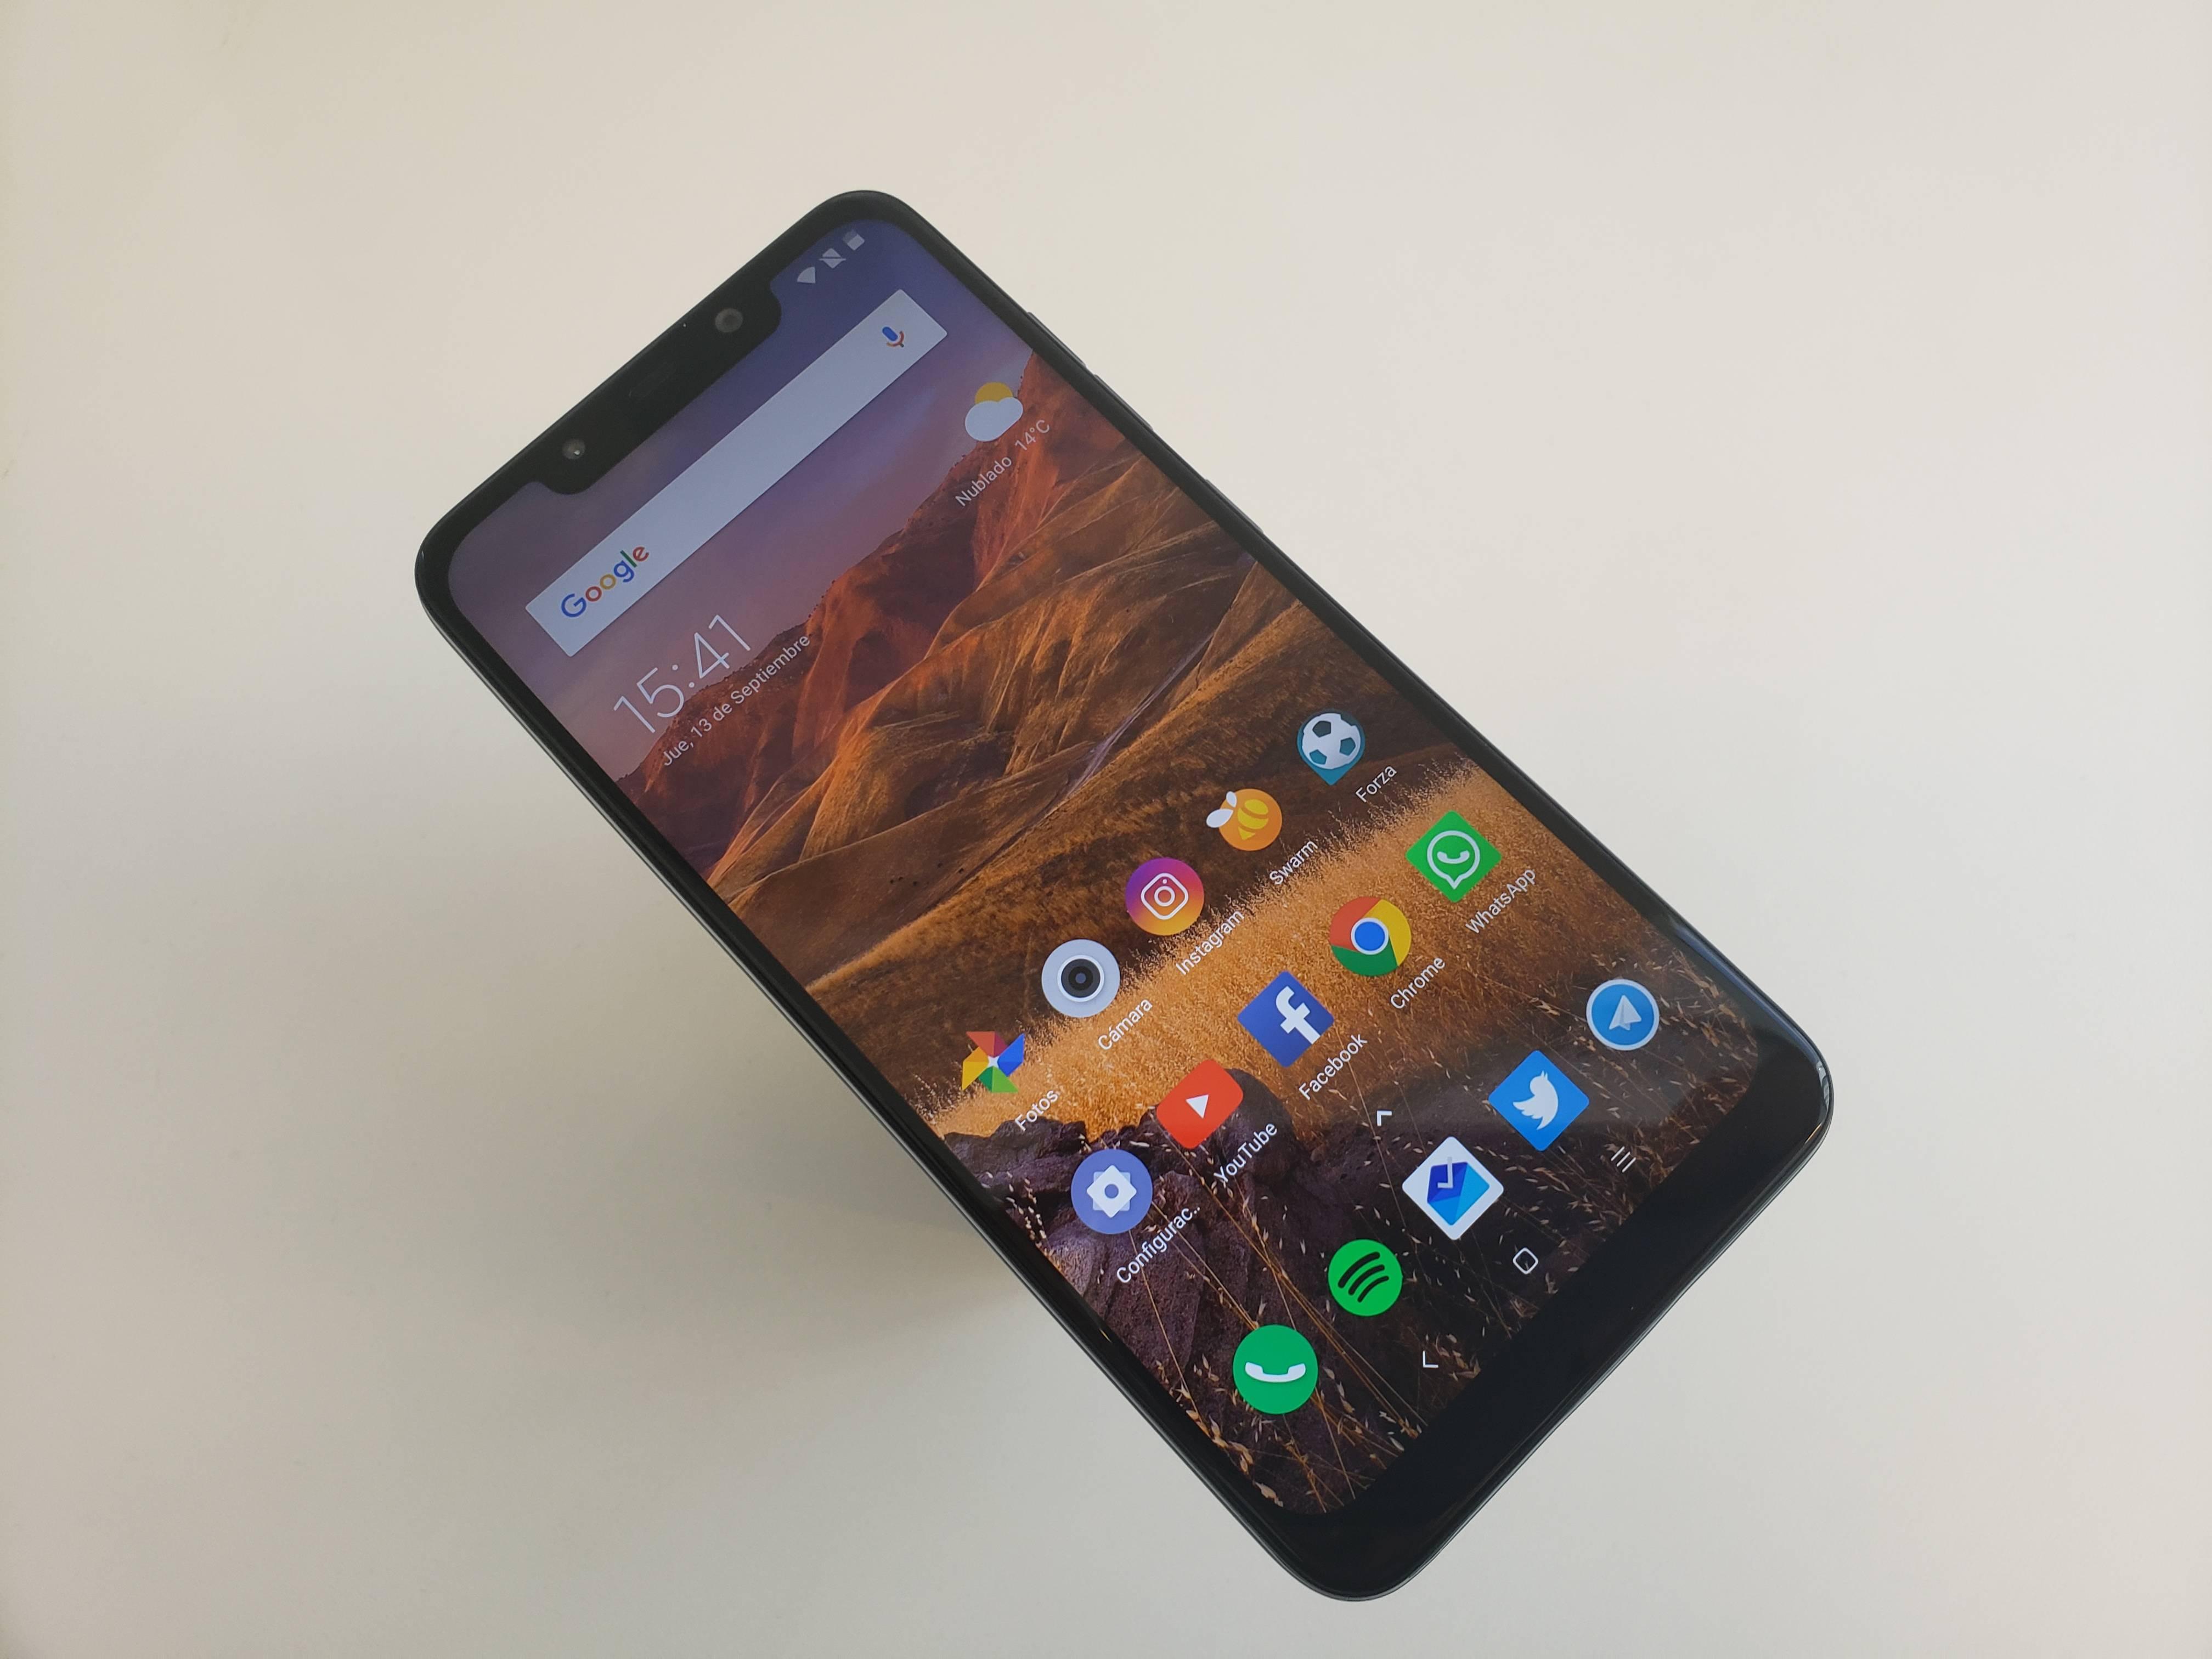 Sí puedes comprar el Pocophone F1 de Xiaomi en México: Te decimos cómo